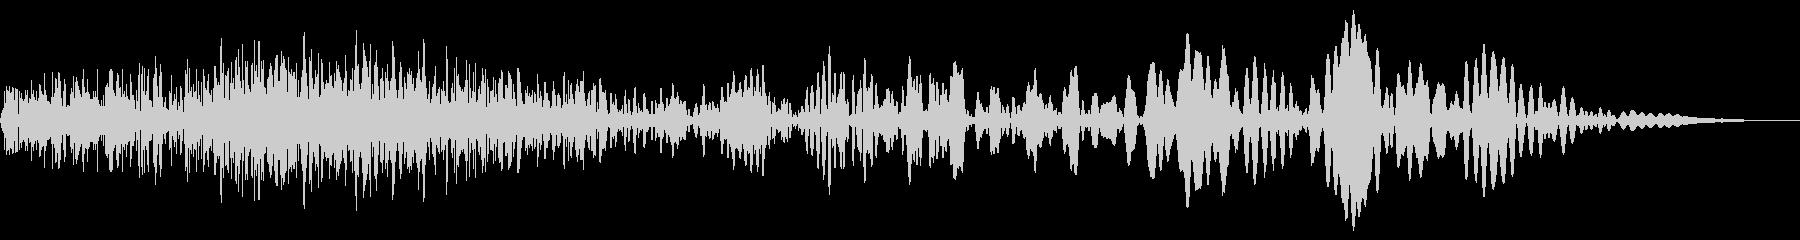 メカ挙動音、衝撃音(ガチャ、ゴー)の未再生の波形